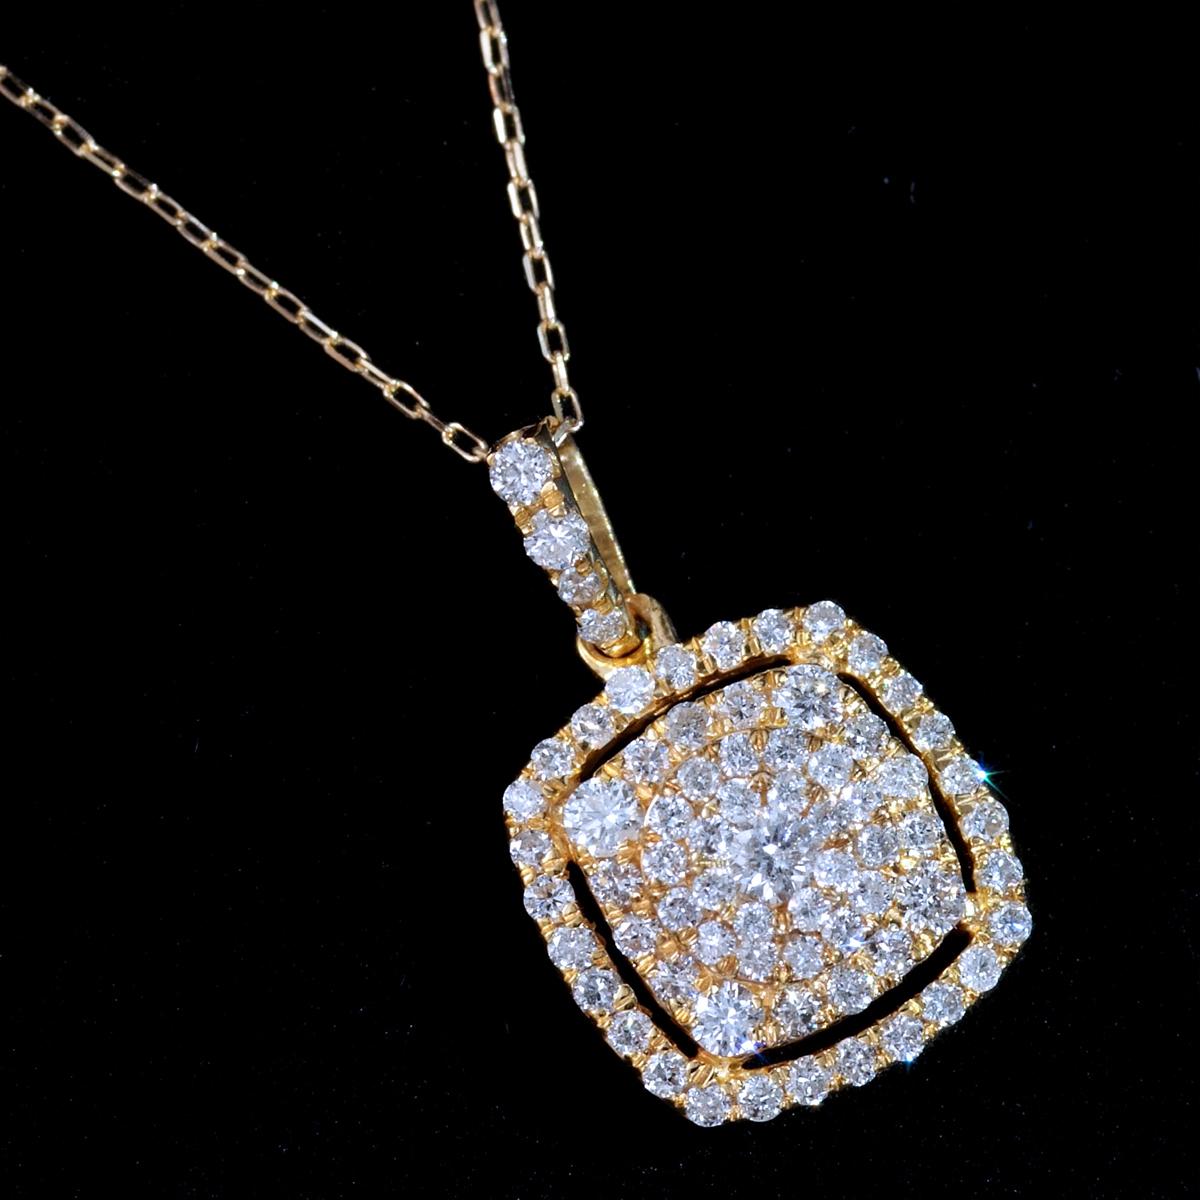 *PN6346 新品!業者向け令和新作Design! 天然上質ダイヤモンド0.40ct 最高級18金無垢ネックレス